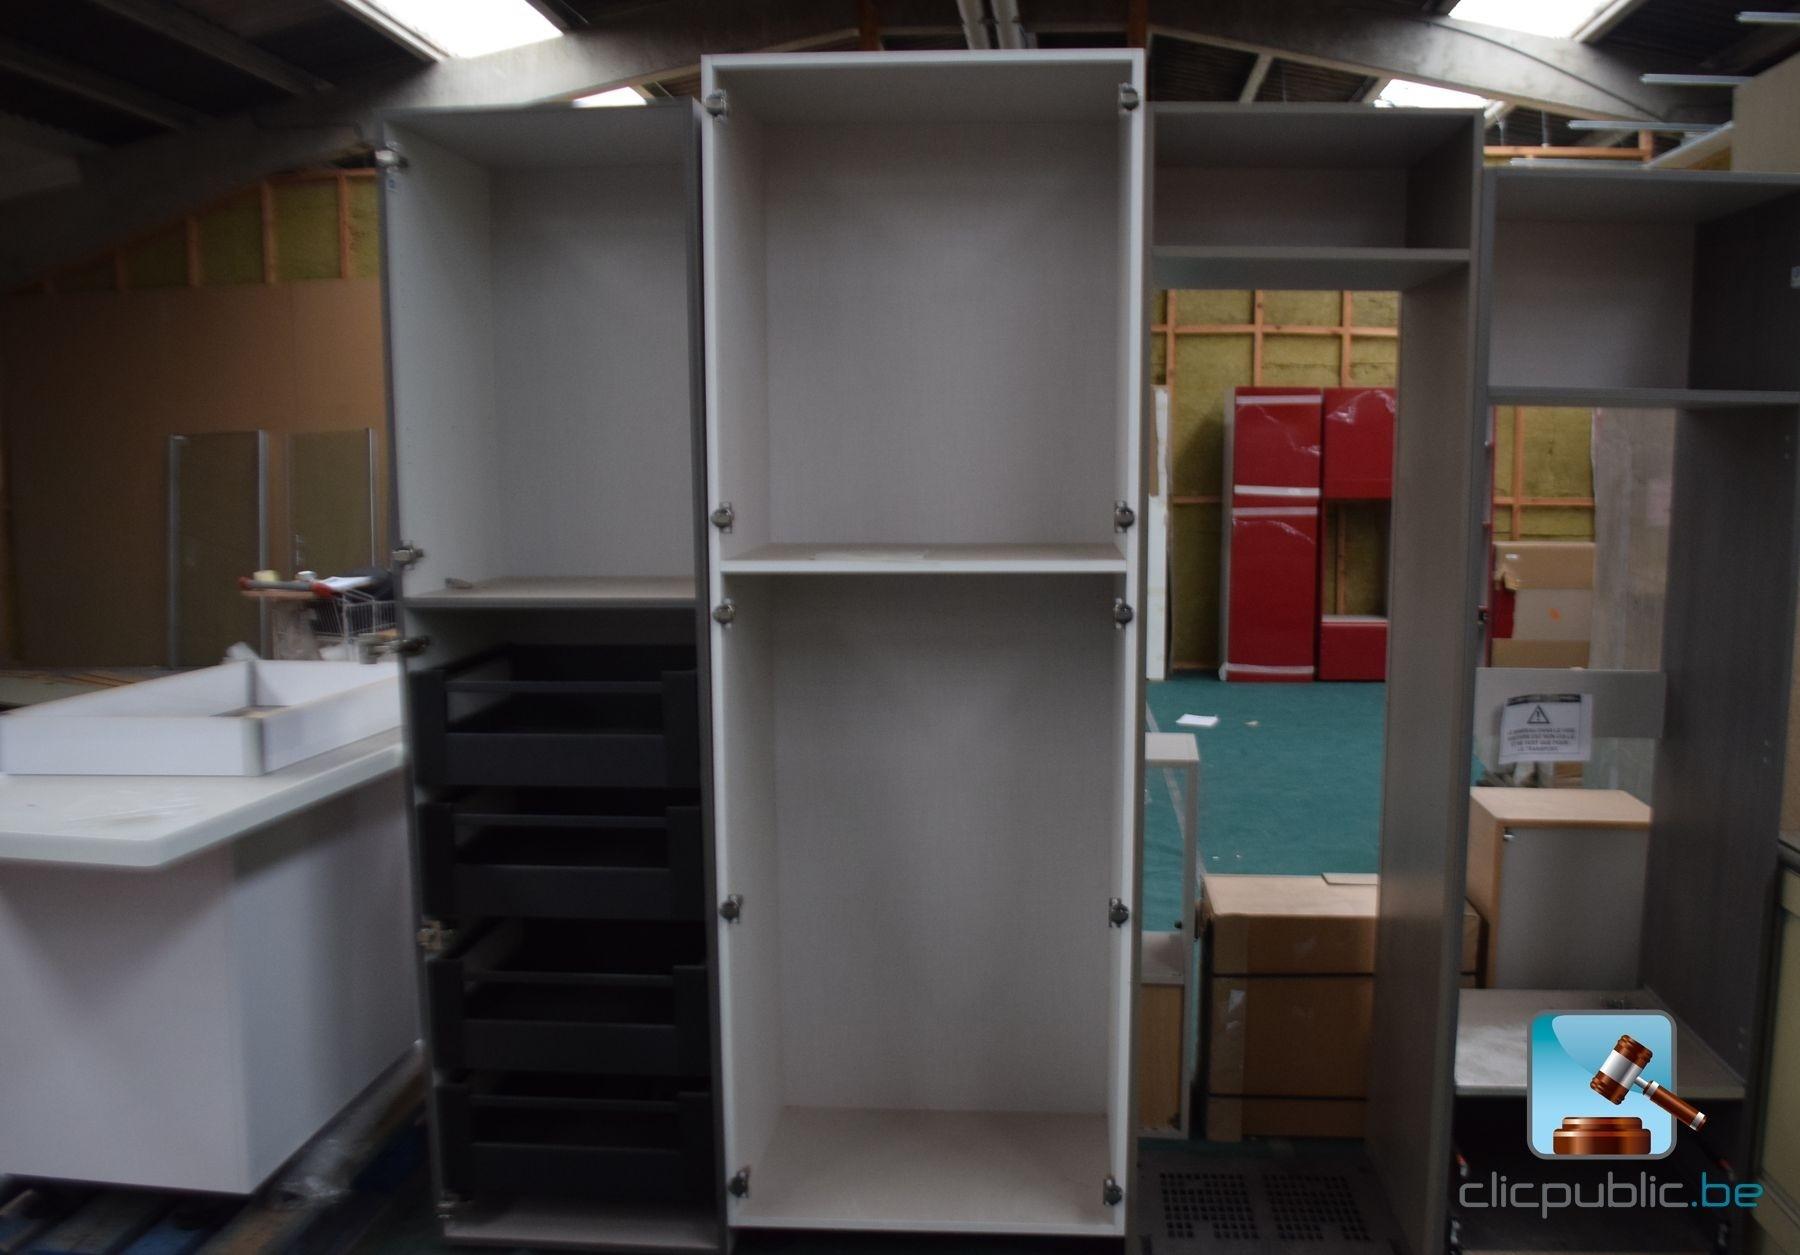 Grand varia de meubles de cuisine ref 71 vendre sur - Grand meuble de cuisine ...